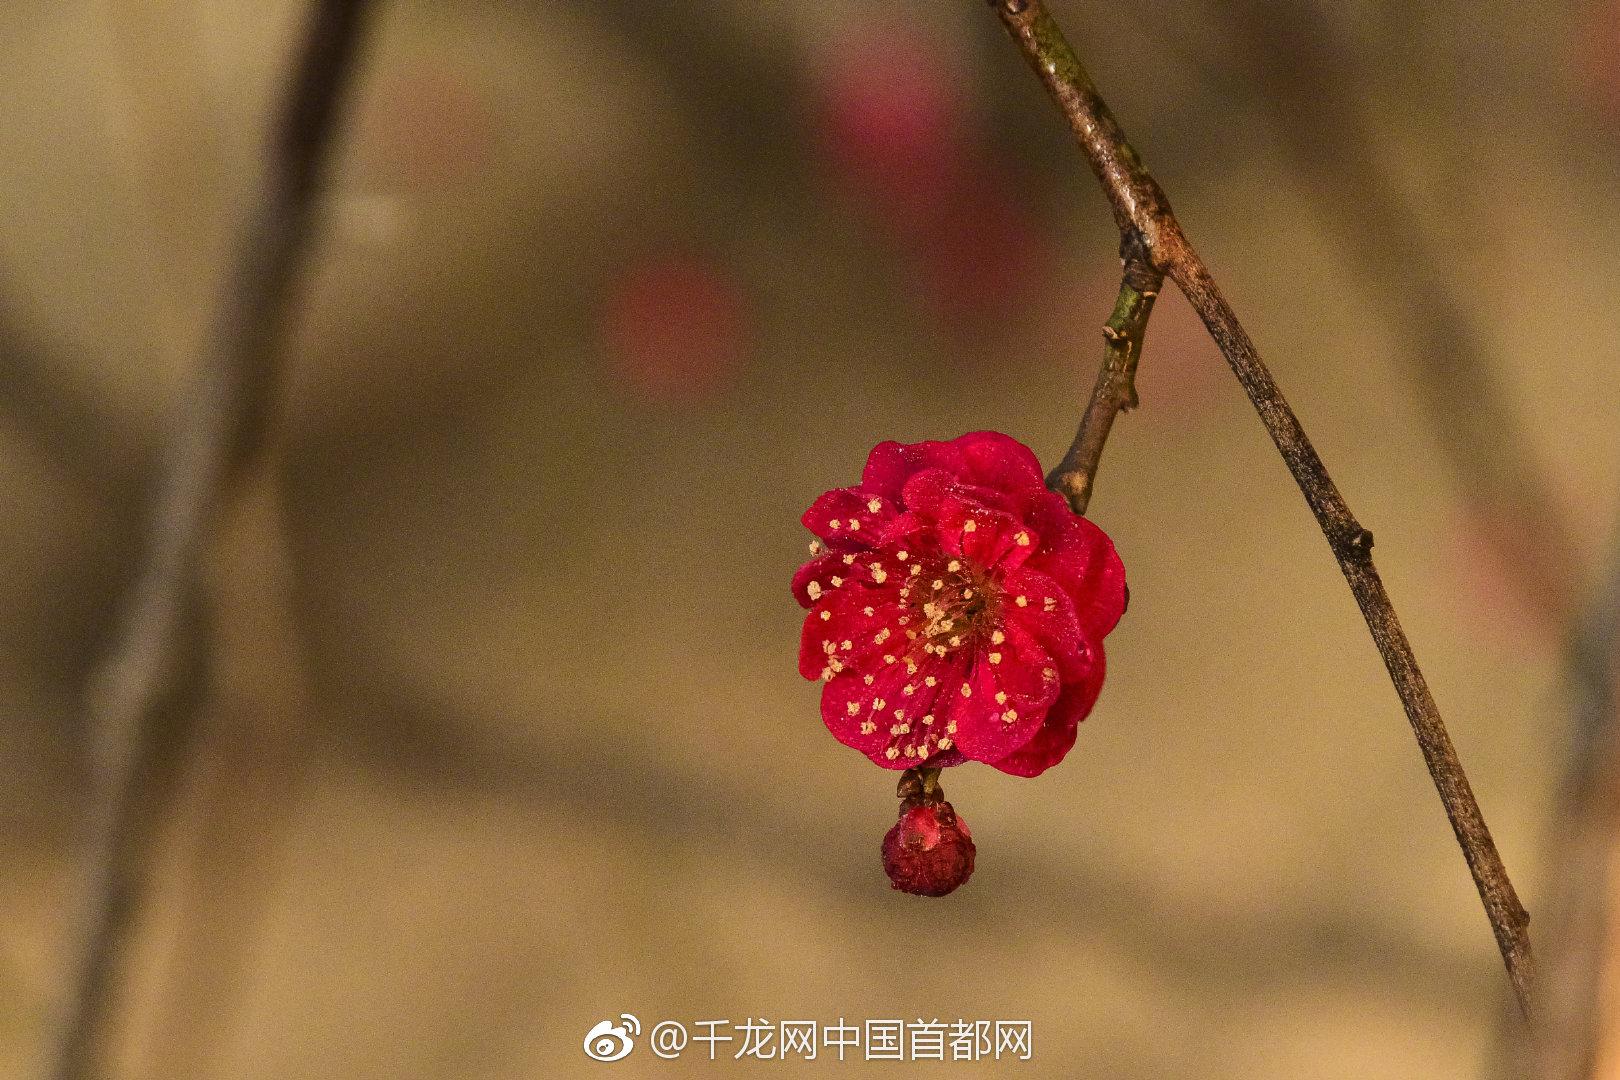 鹫峰森林公园温室梅花魅力绽放迎新春